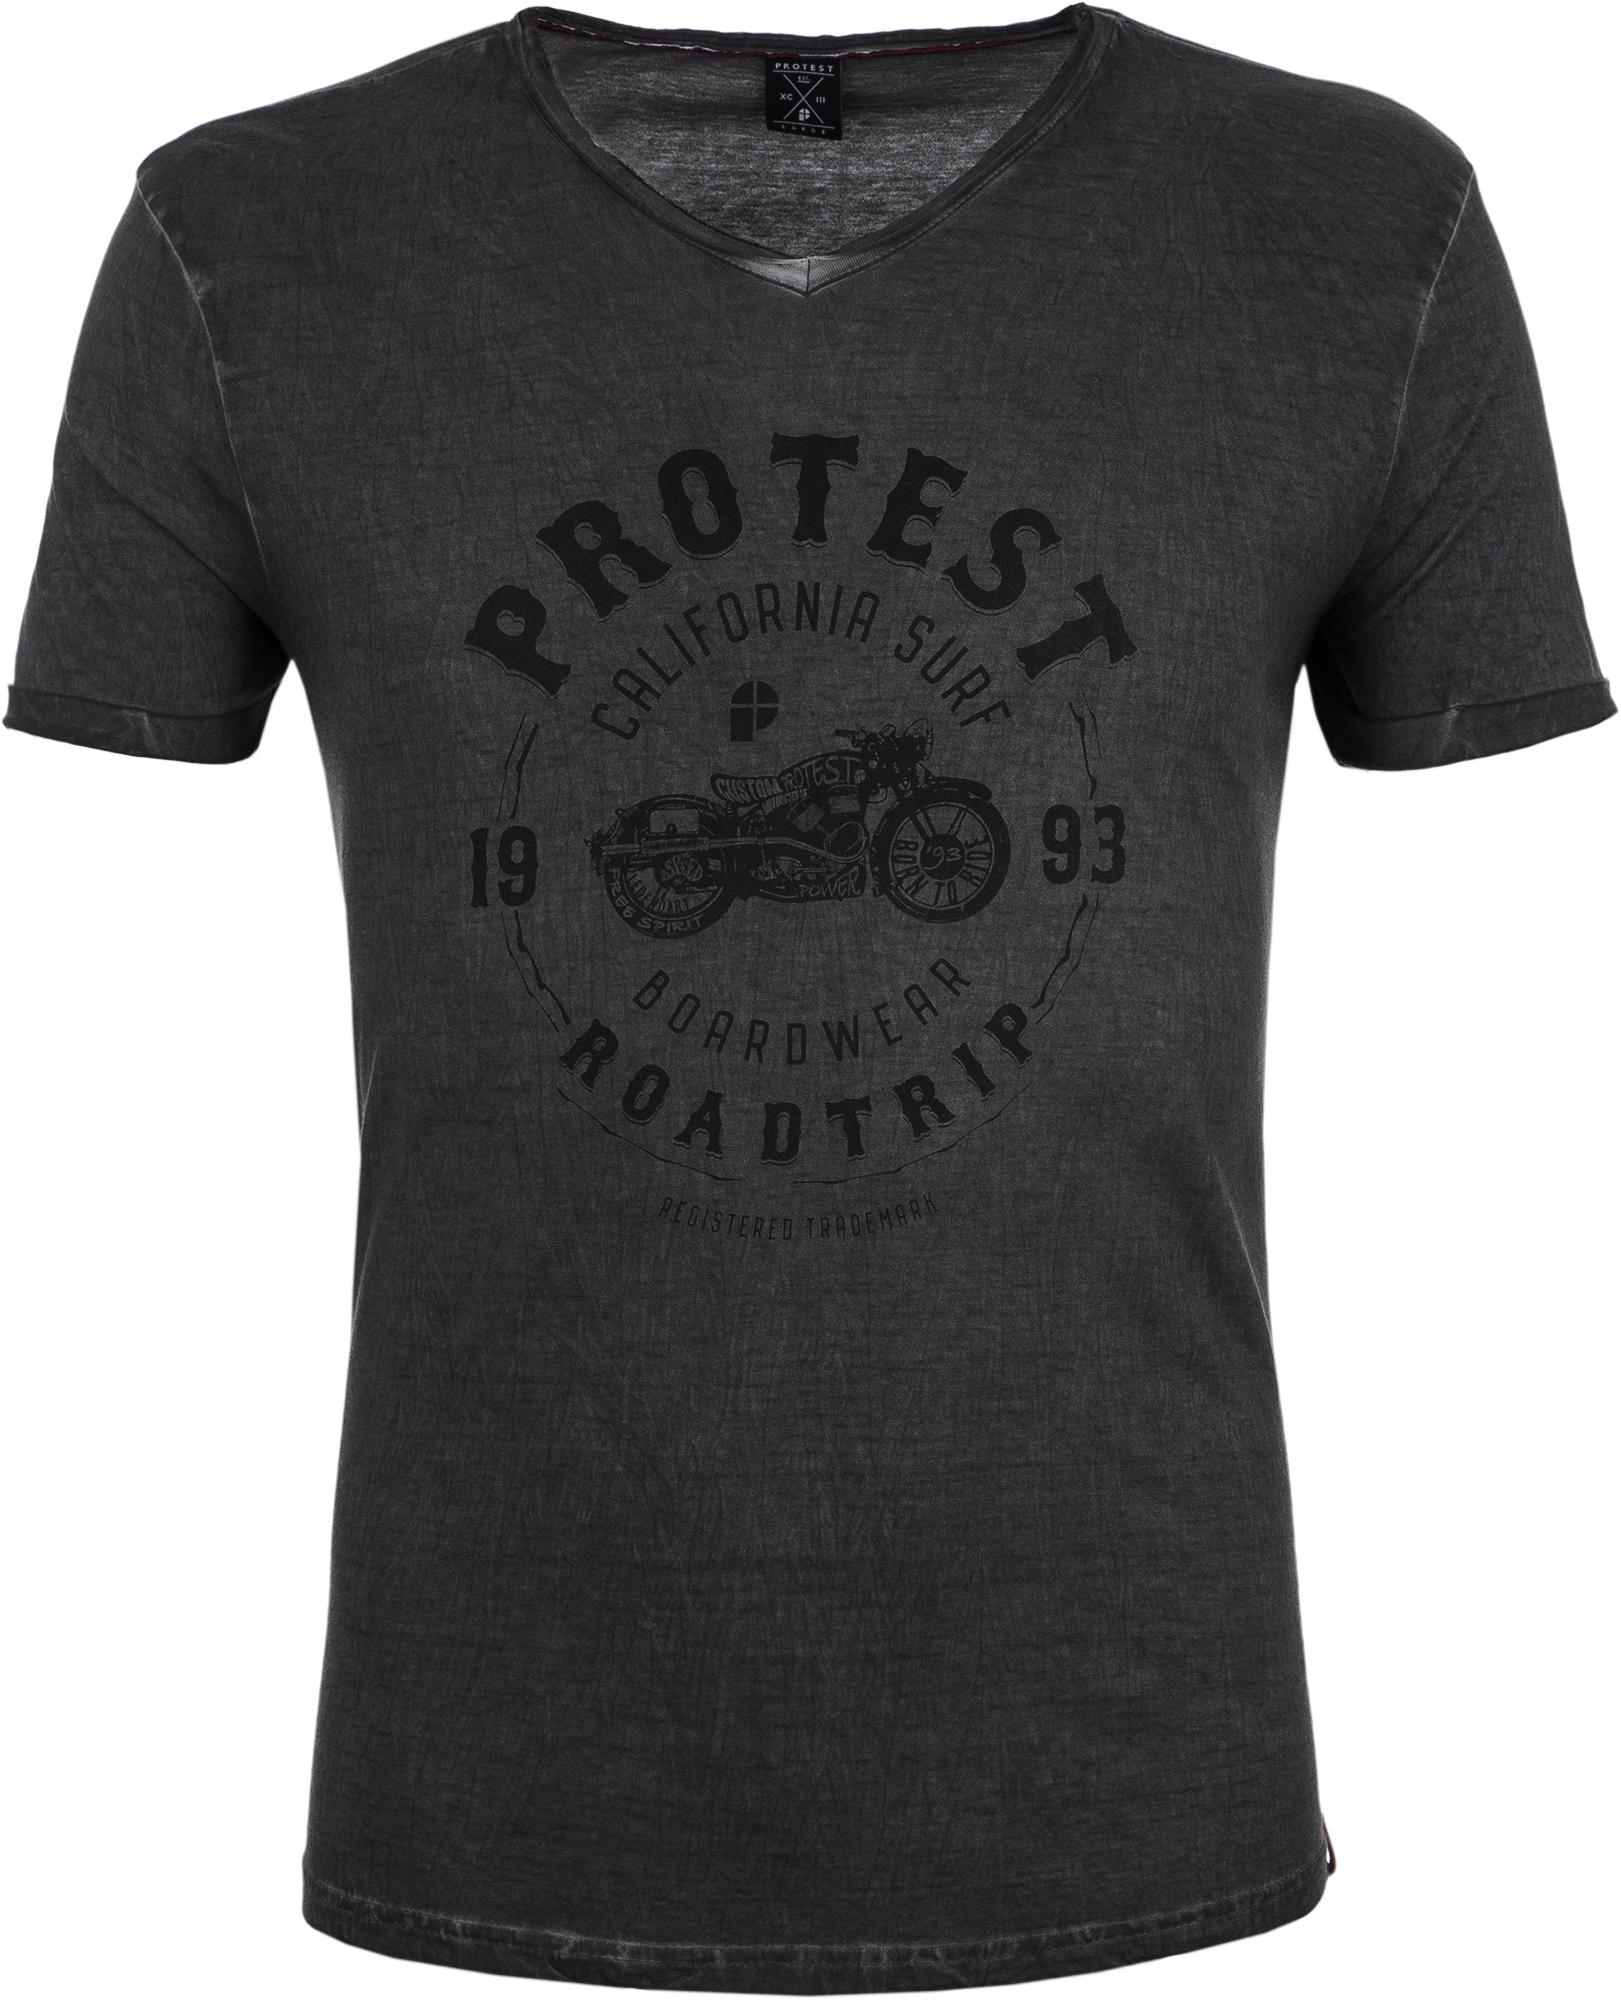 купить Protest Футболка мужская Protest Lew, размер 52-54 по цене 1199 рублей